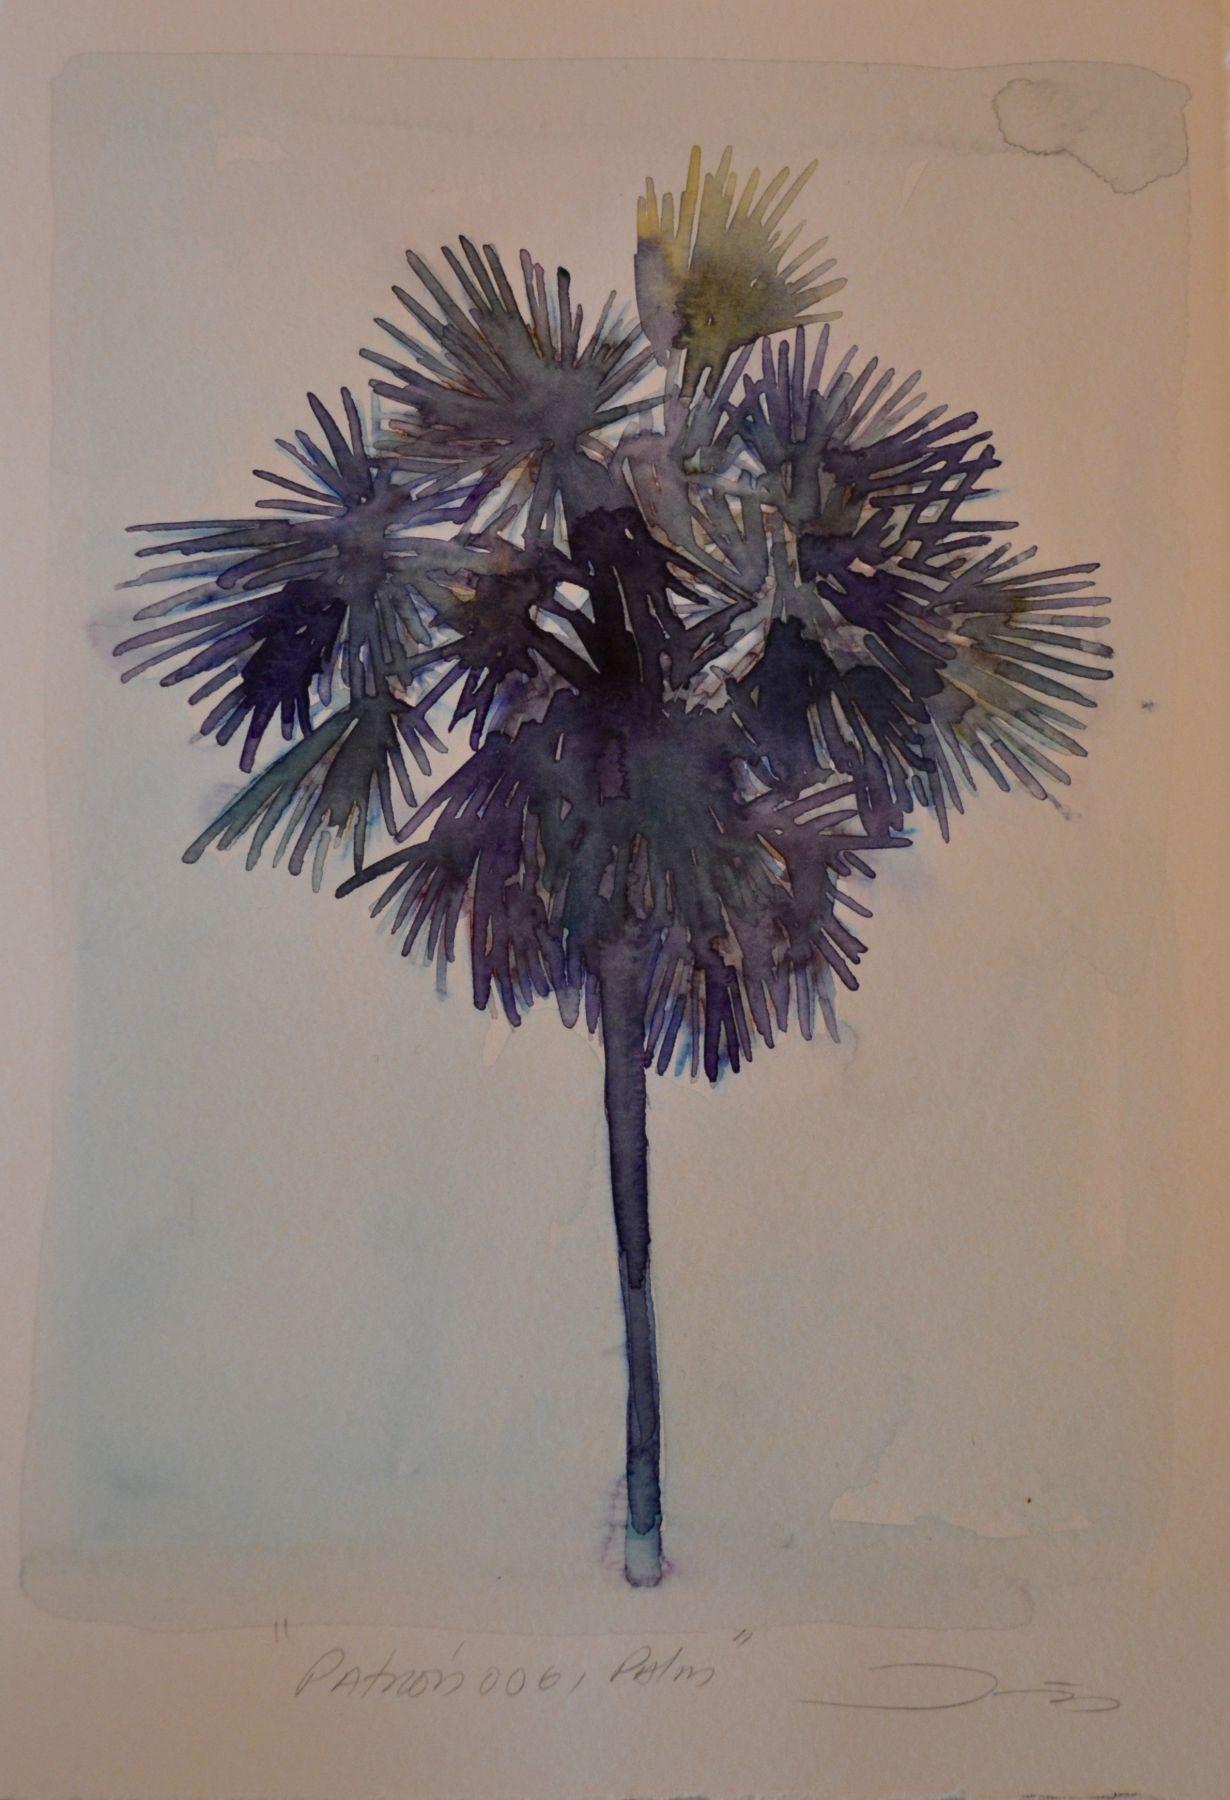 Patrón 006, Palm